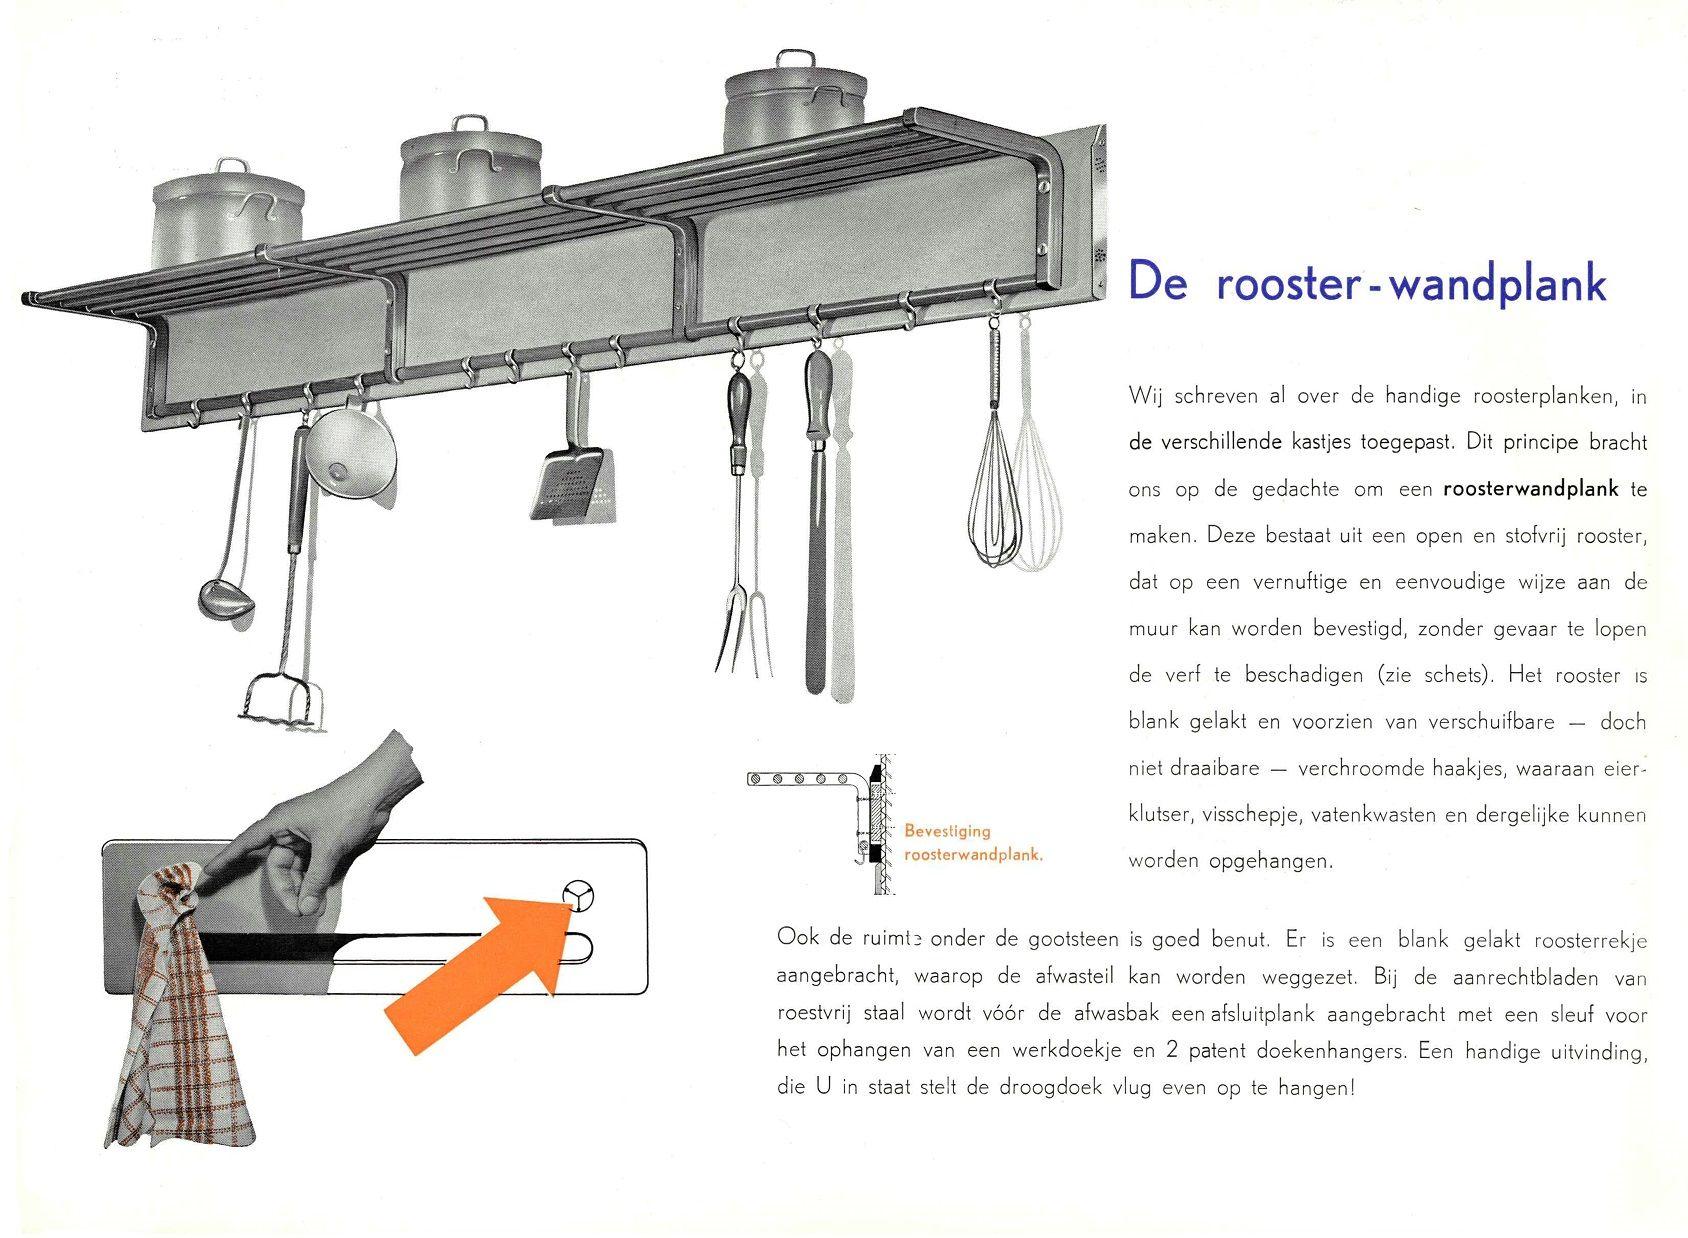 Piet Zwart Ontwerpt Veel Accessoires Die Het Dagelijks Leven In En Om De Keuken Een Stuk Vereenvoudigen Zo Ook De Roo Pannenrek Jaren 50 Keuken Zwarte Keukens